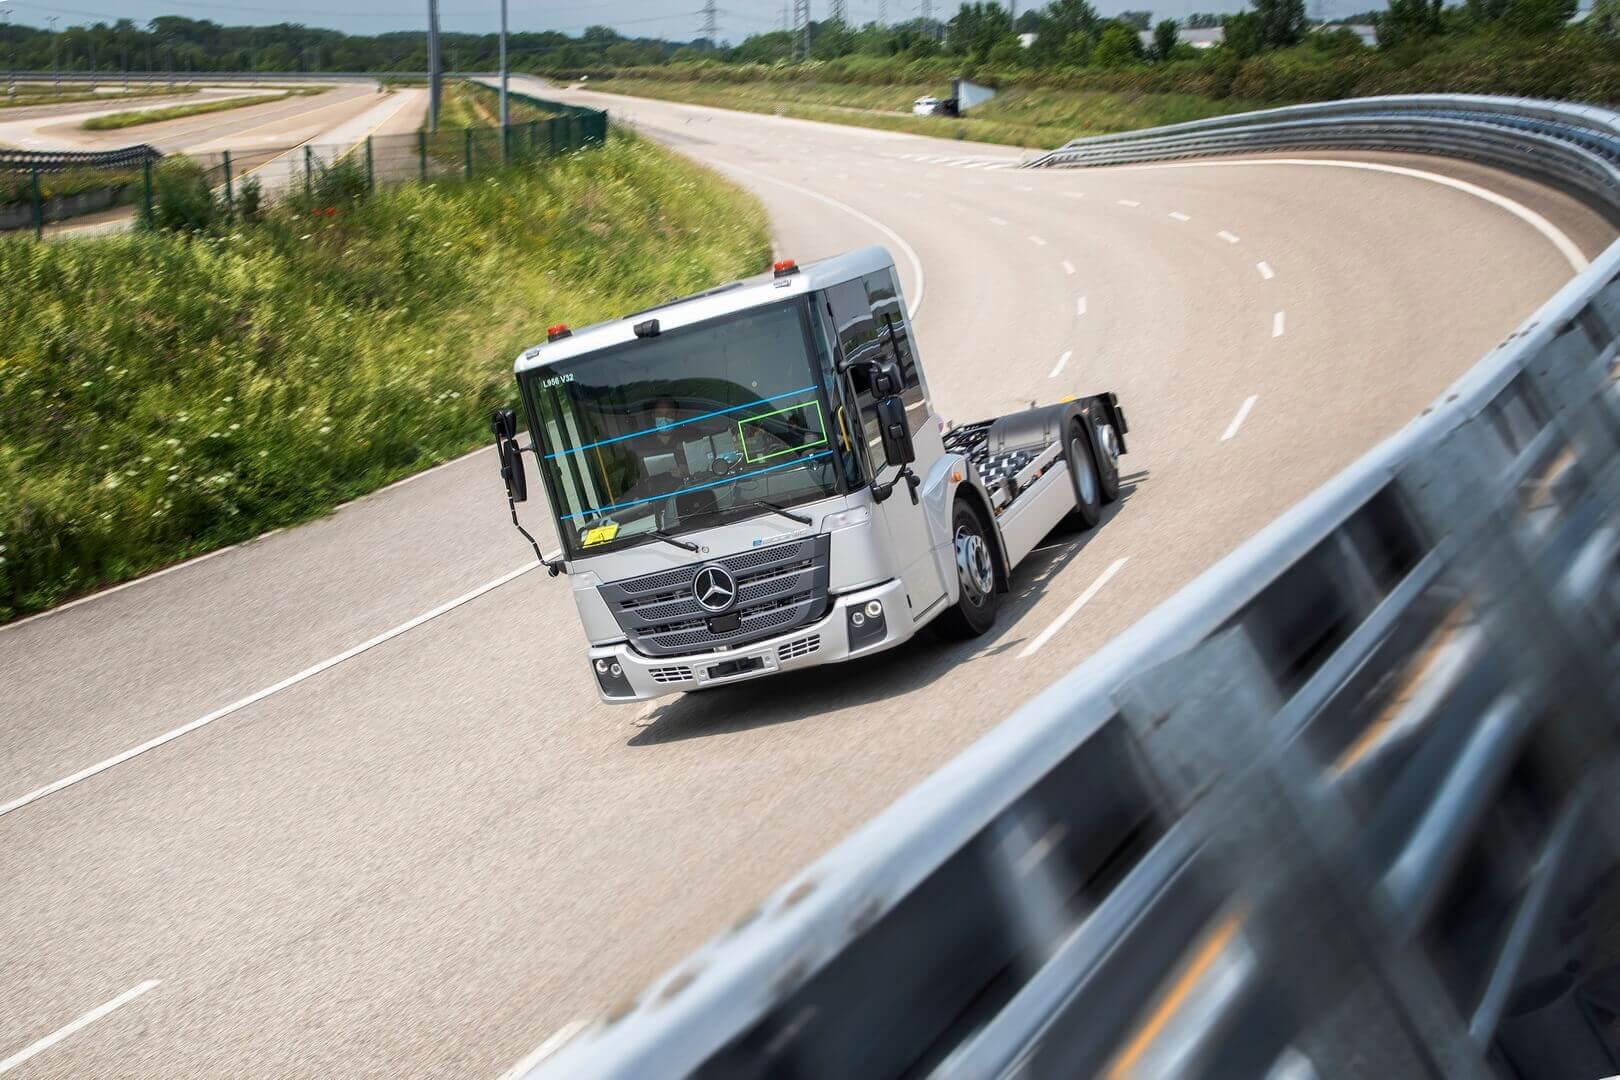 Серийное производство eEconic планируется начать на заводе Mercedes-Benz Wörth в 2022 году